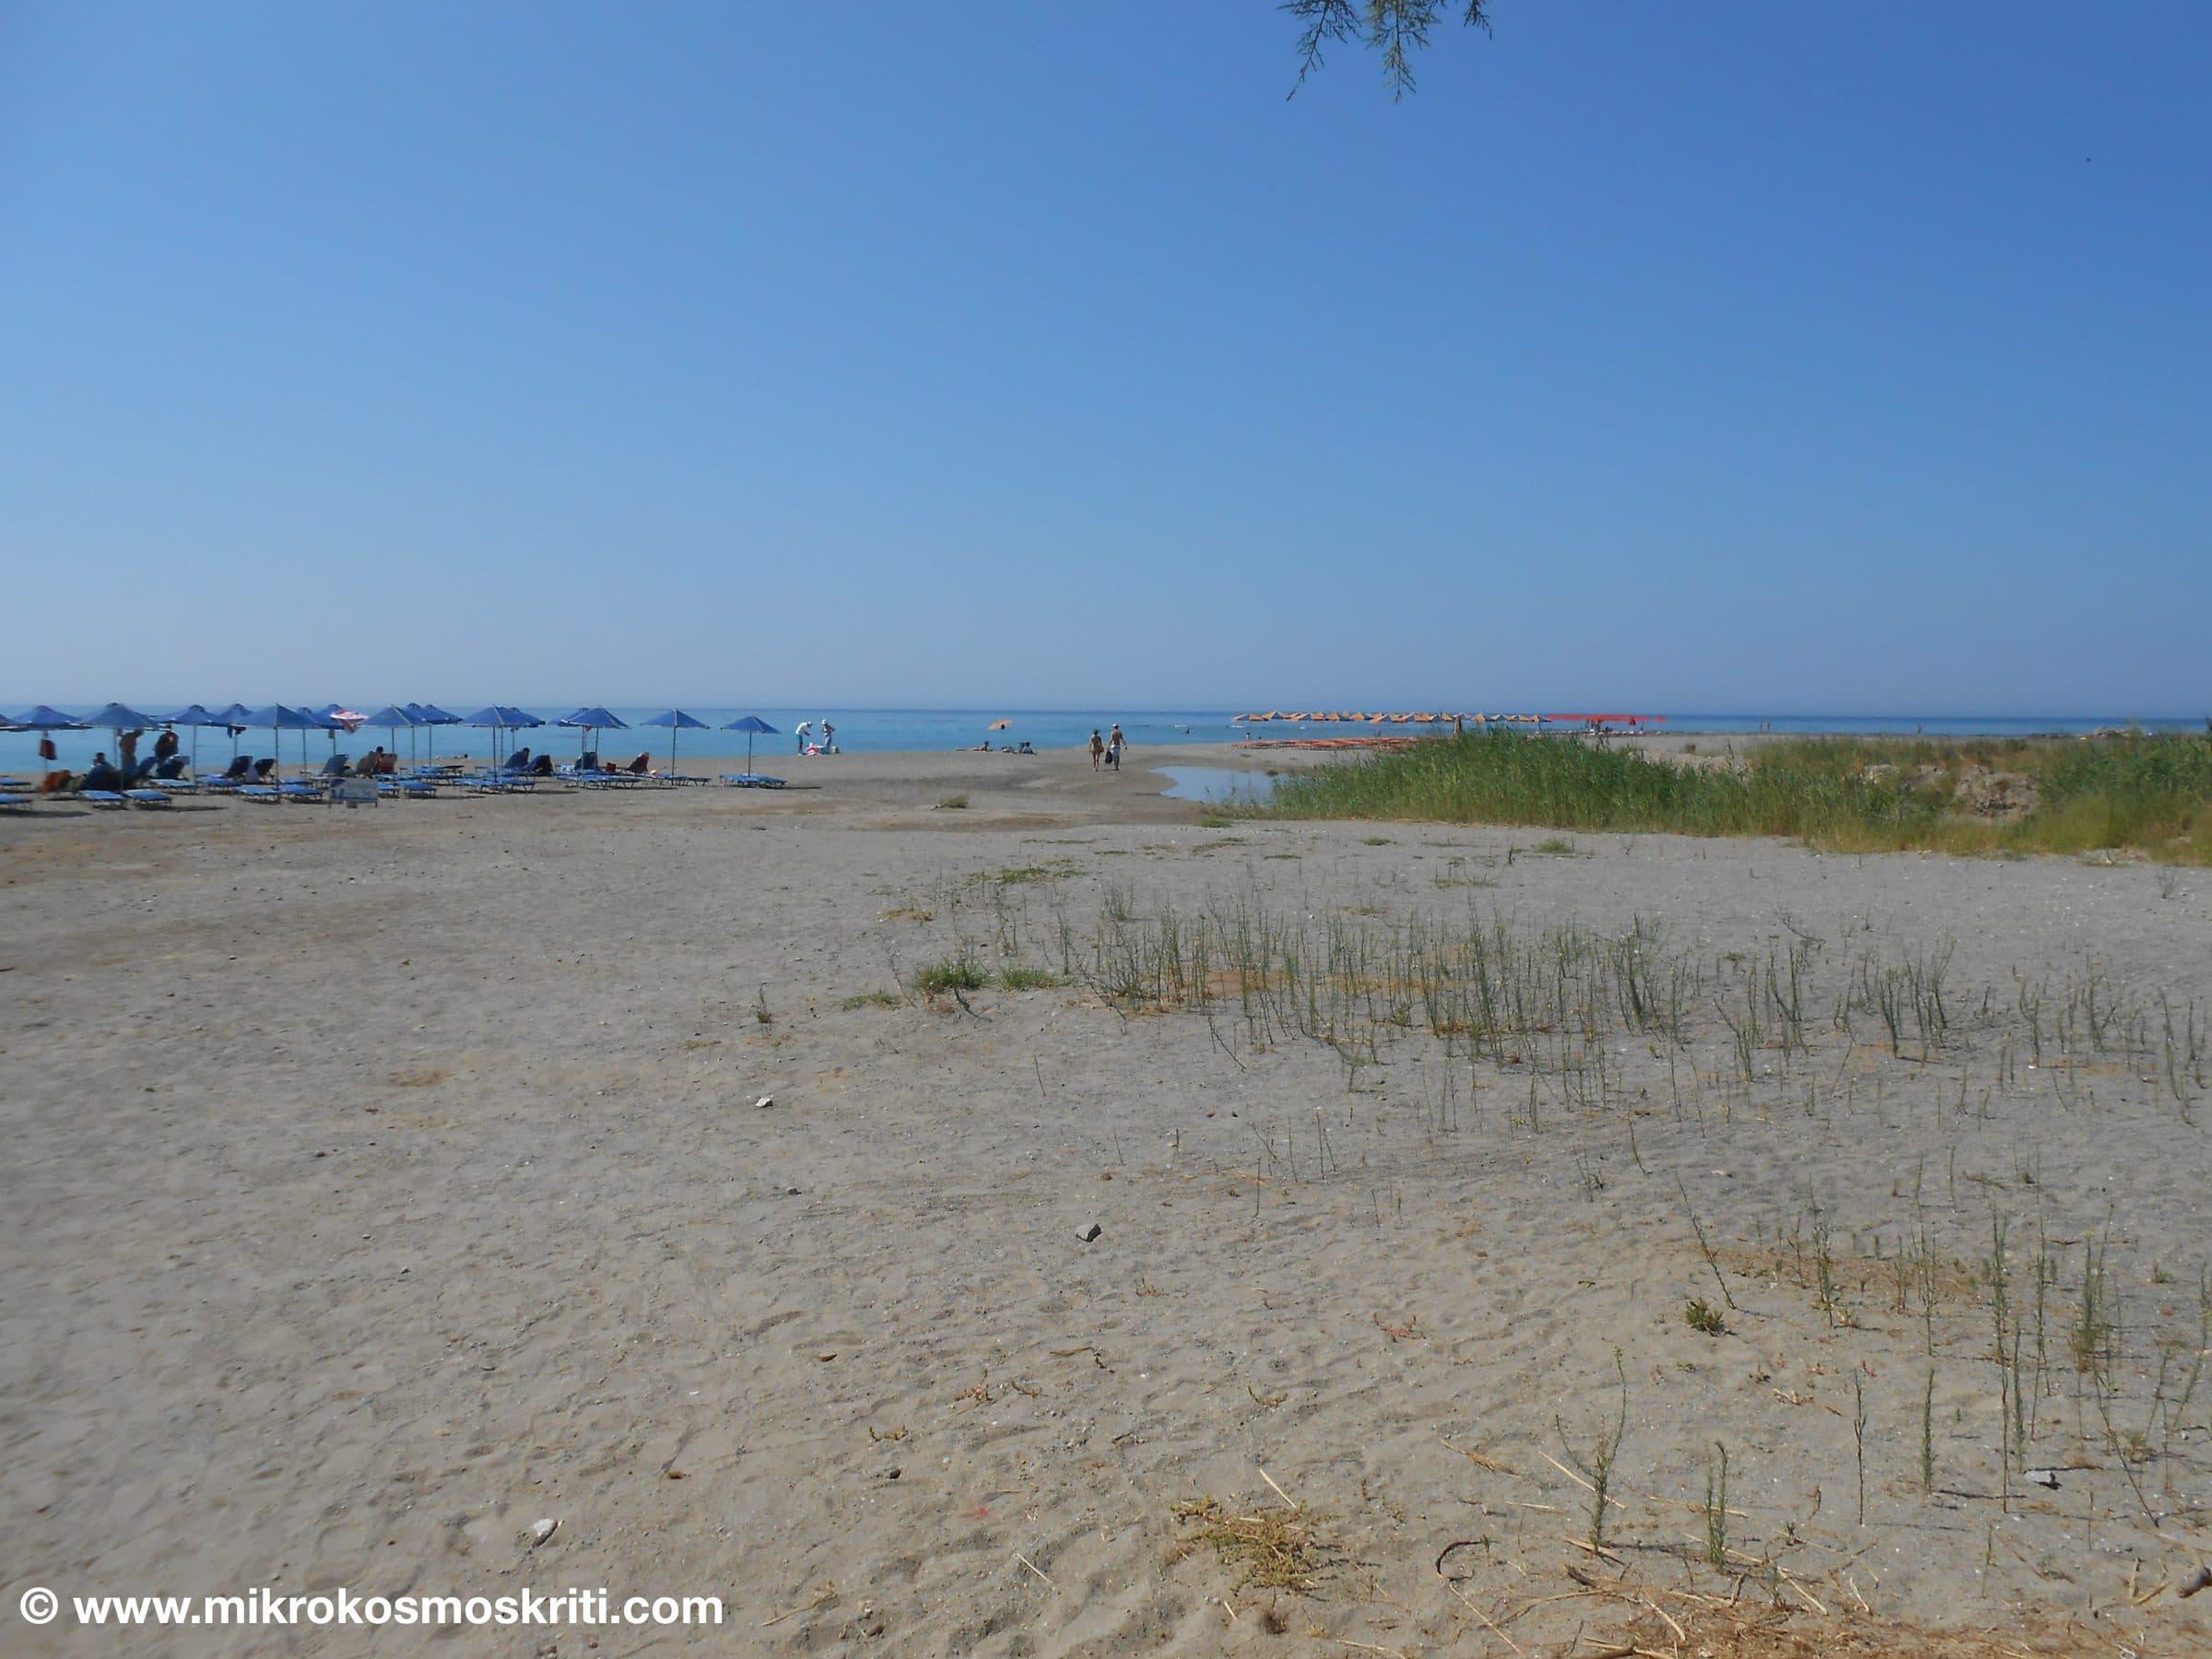 Spiaggia 2 rid